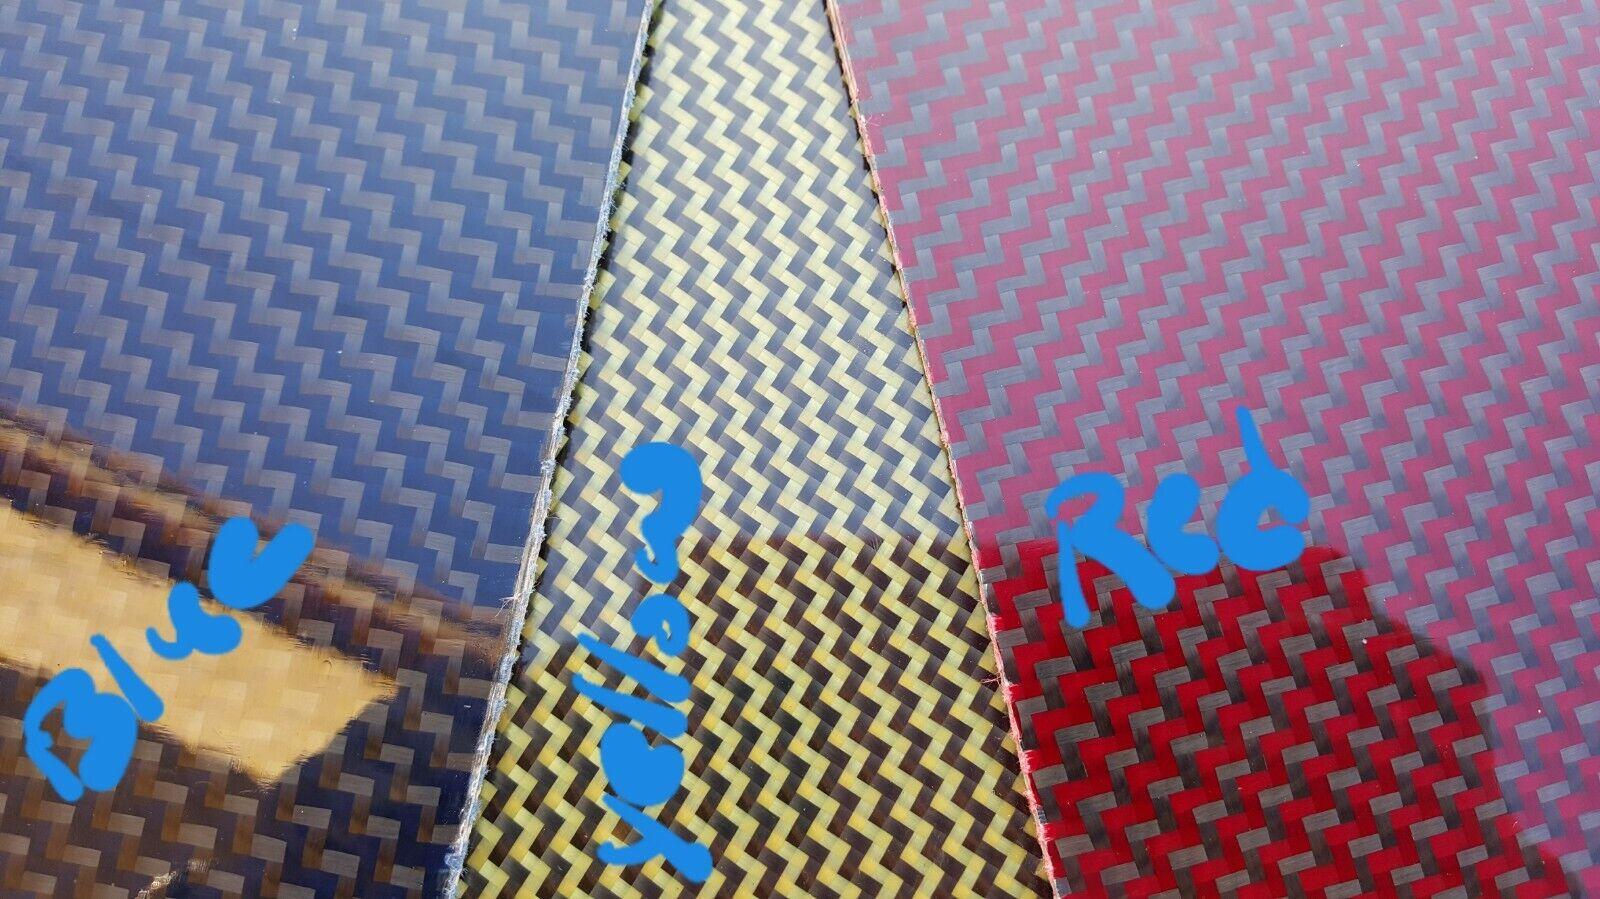 18 x54 x 1 8  2x2 Dual Twill  autobon Fiber With Kevlar Plate Glossy One Side  risparmiare sulla liquidazione